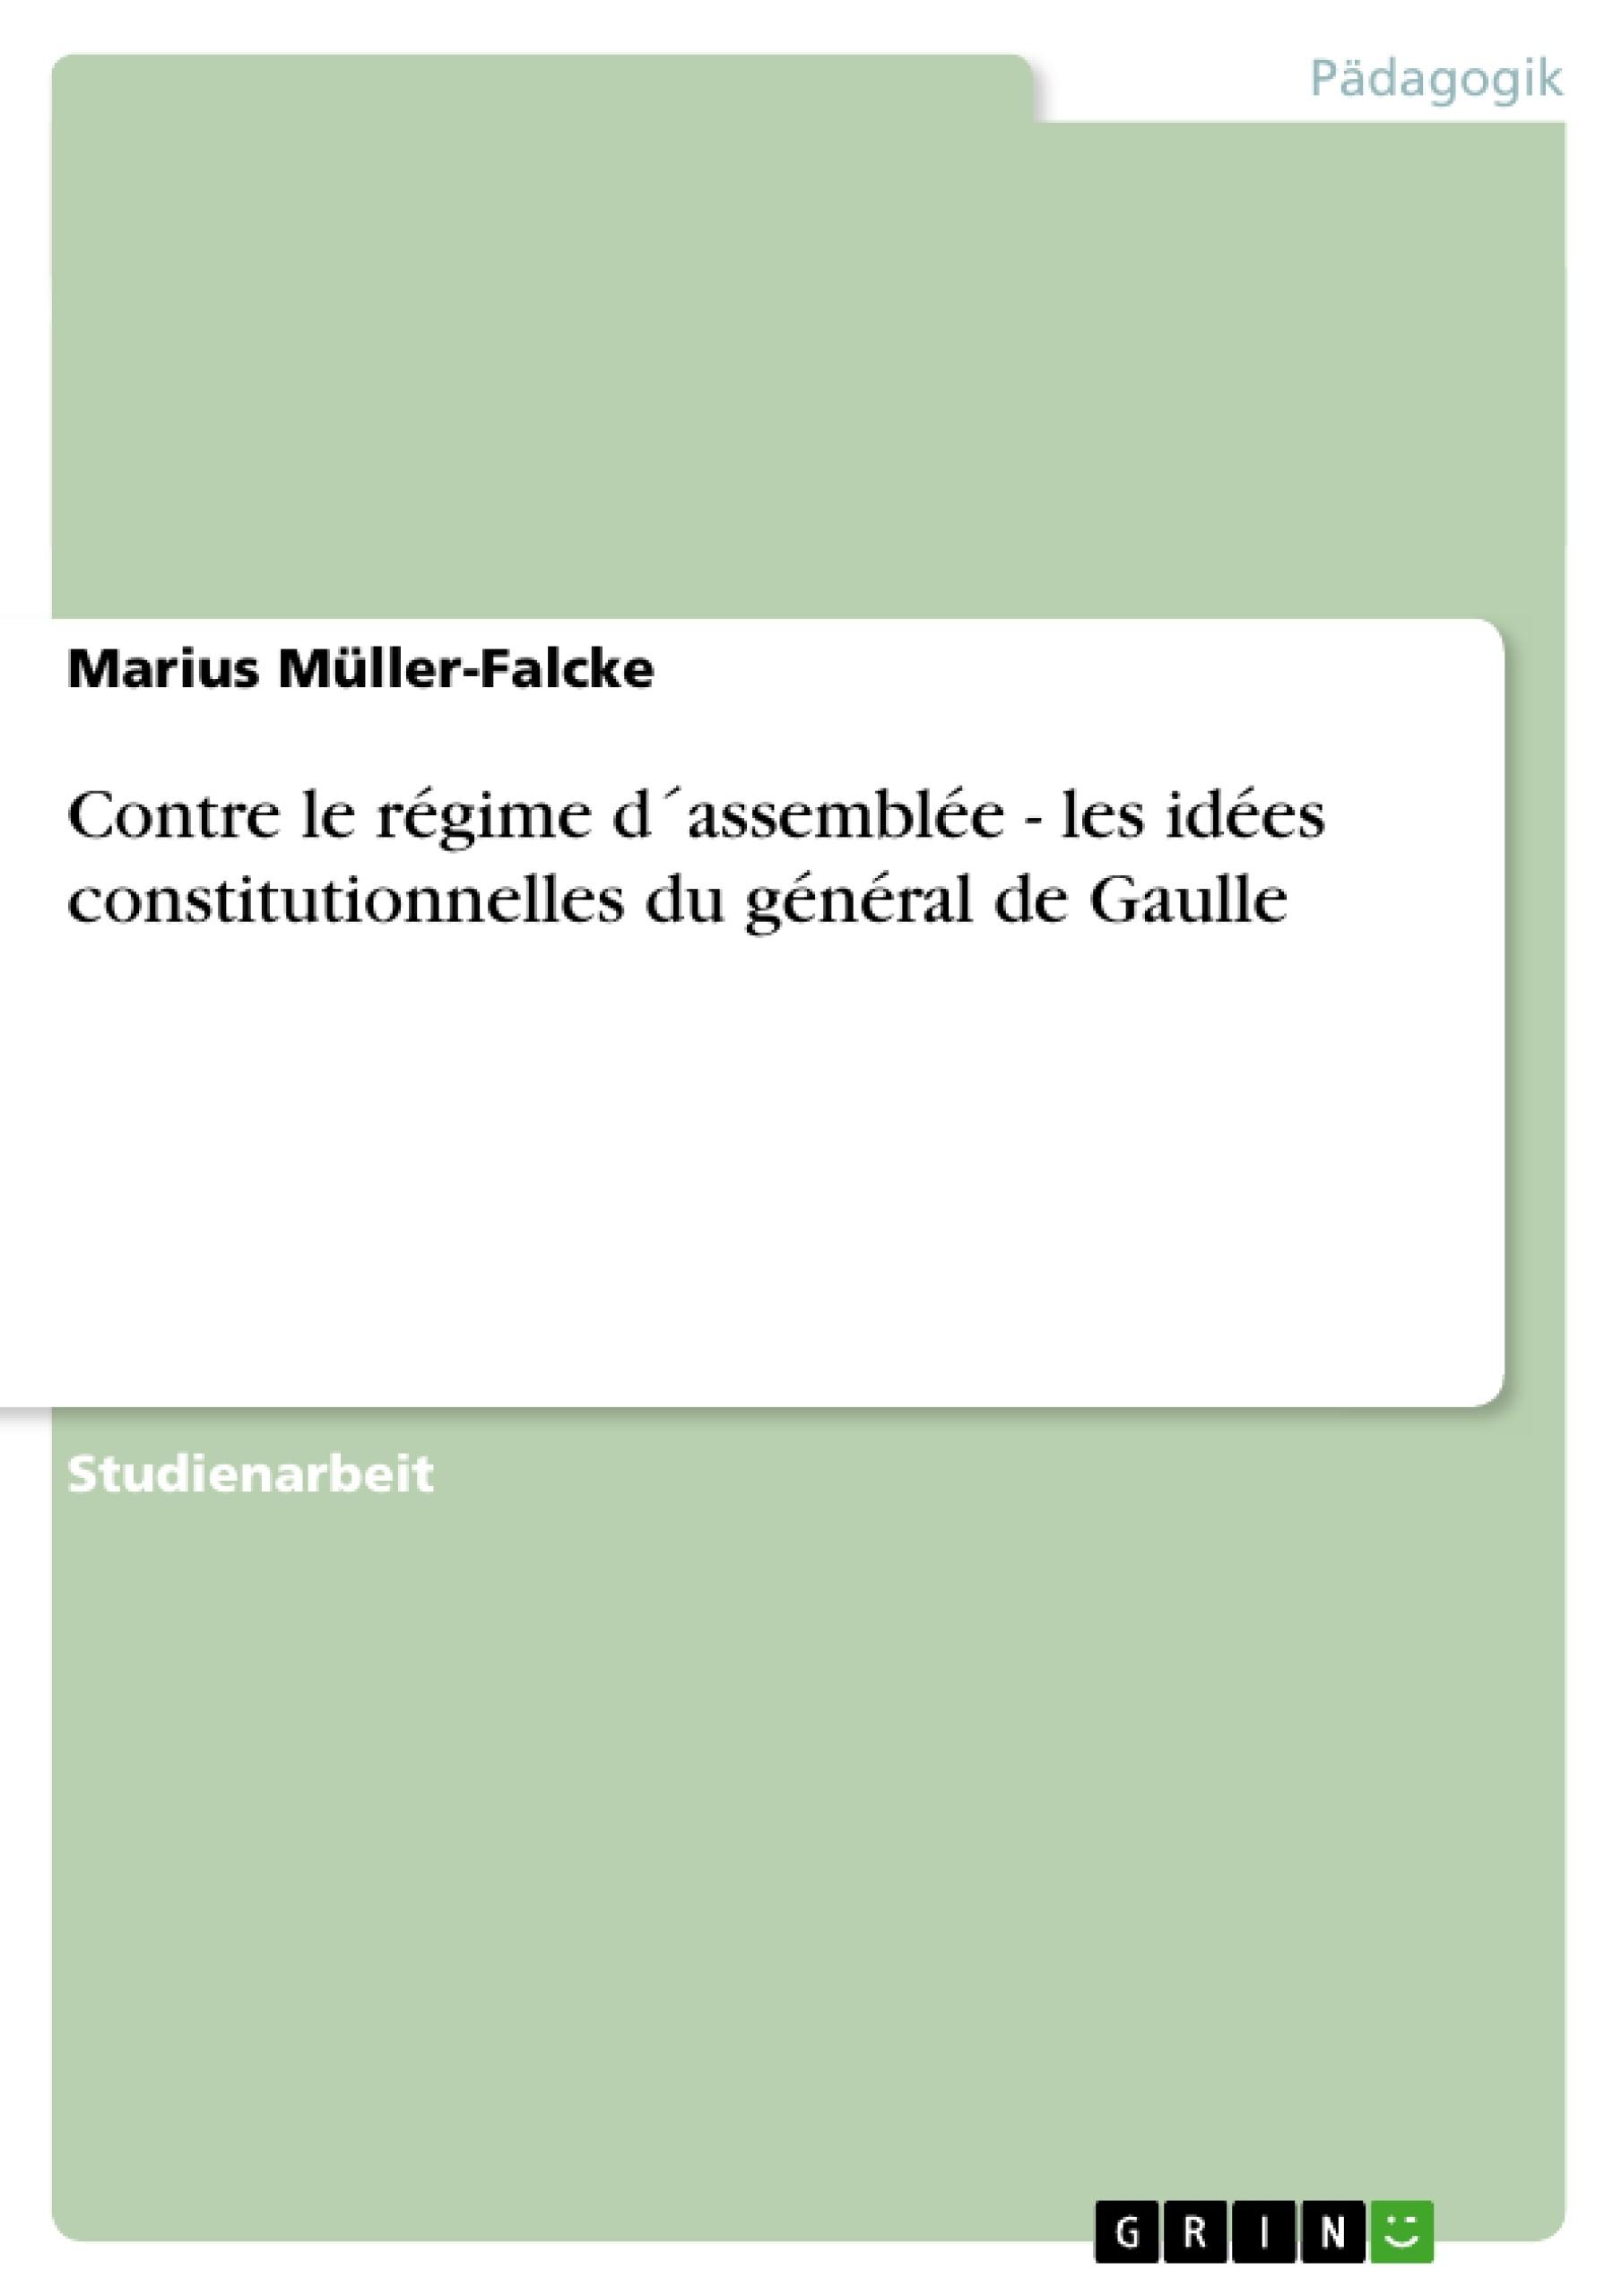 Titel: Contre le régime d´assemblée - les idées constitutionnelles du général de Gaulle